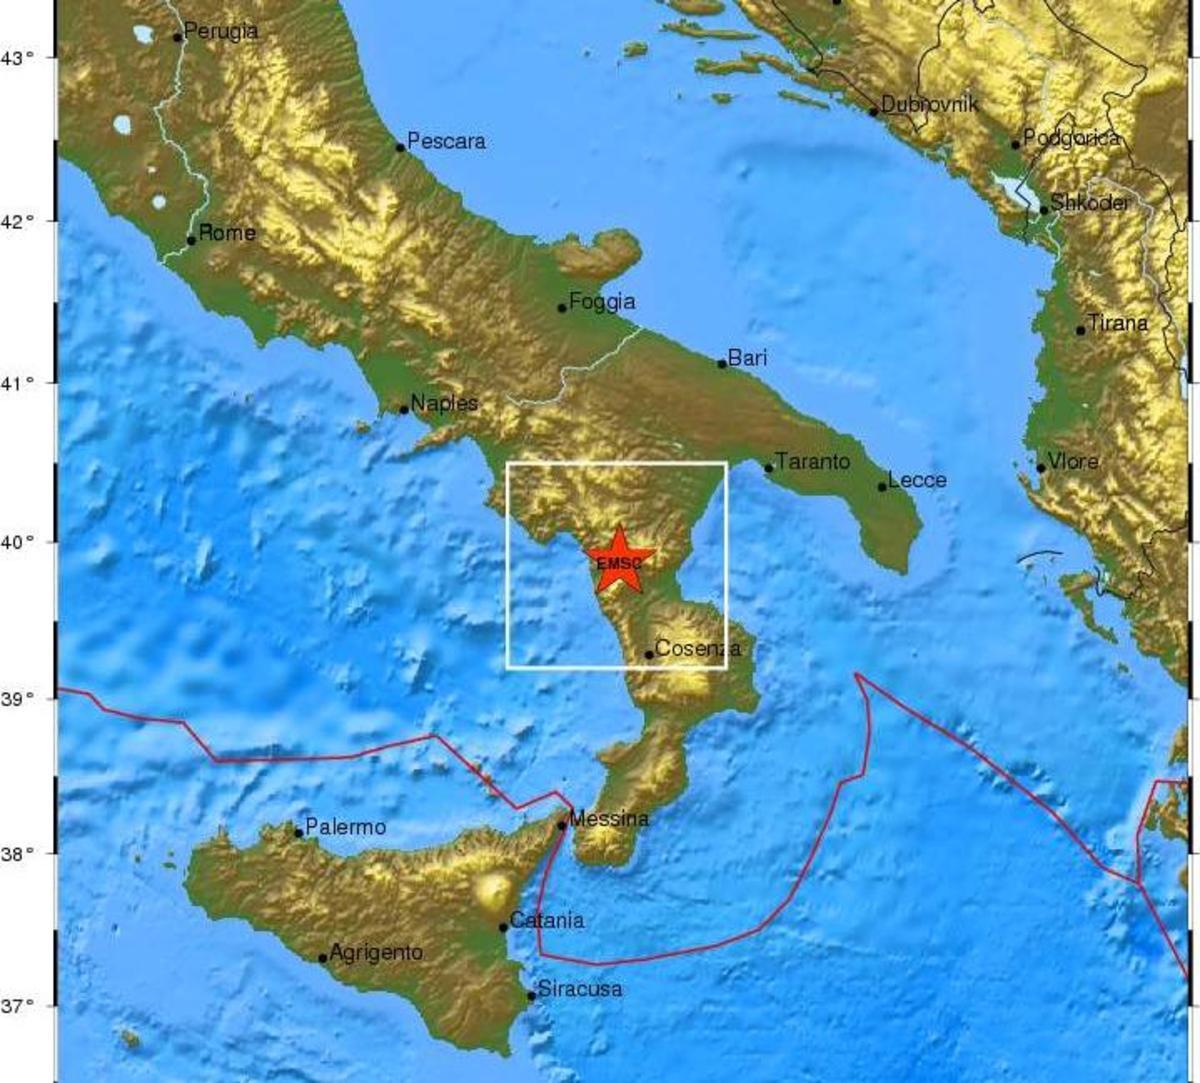 Συναγερμός από το μεγάλο σεισμό στην Ιταλία | Newsit.gr